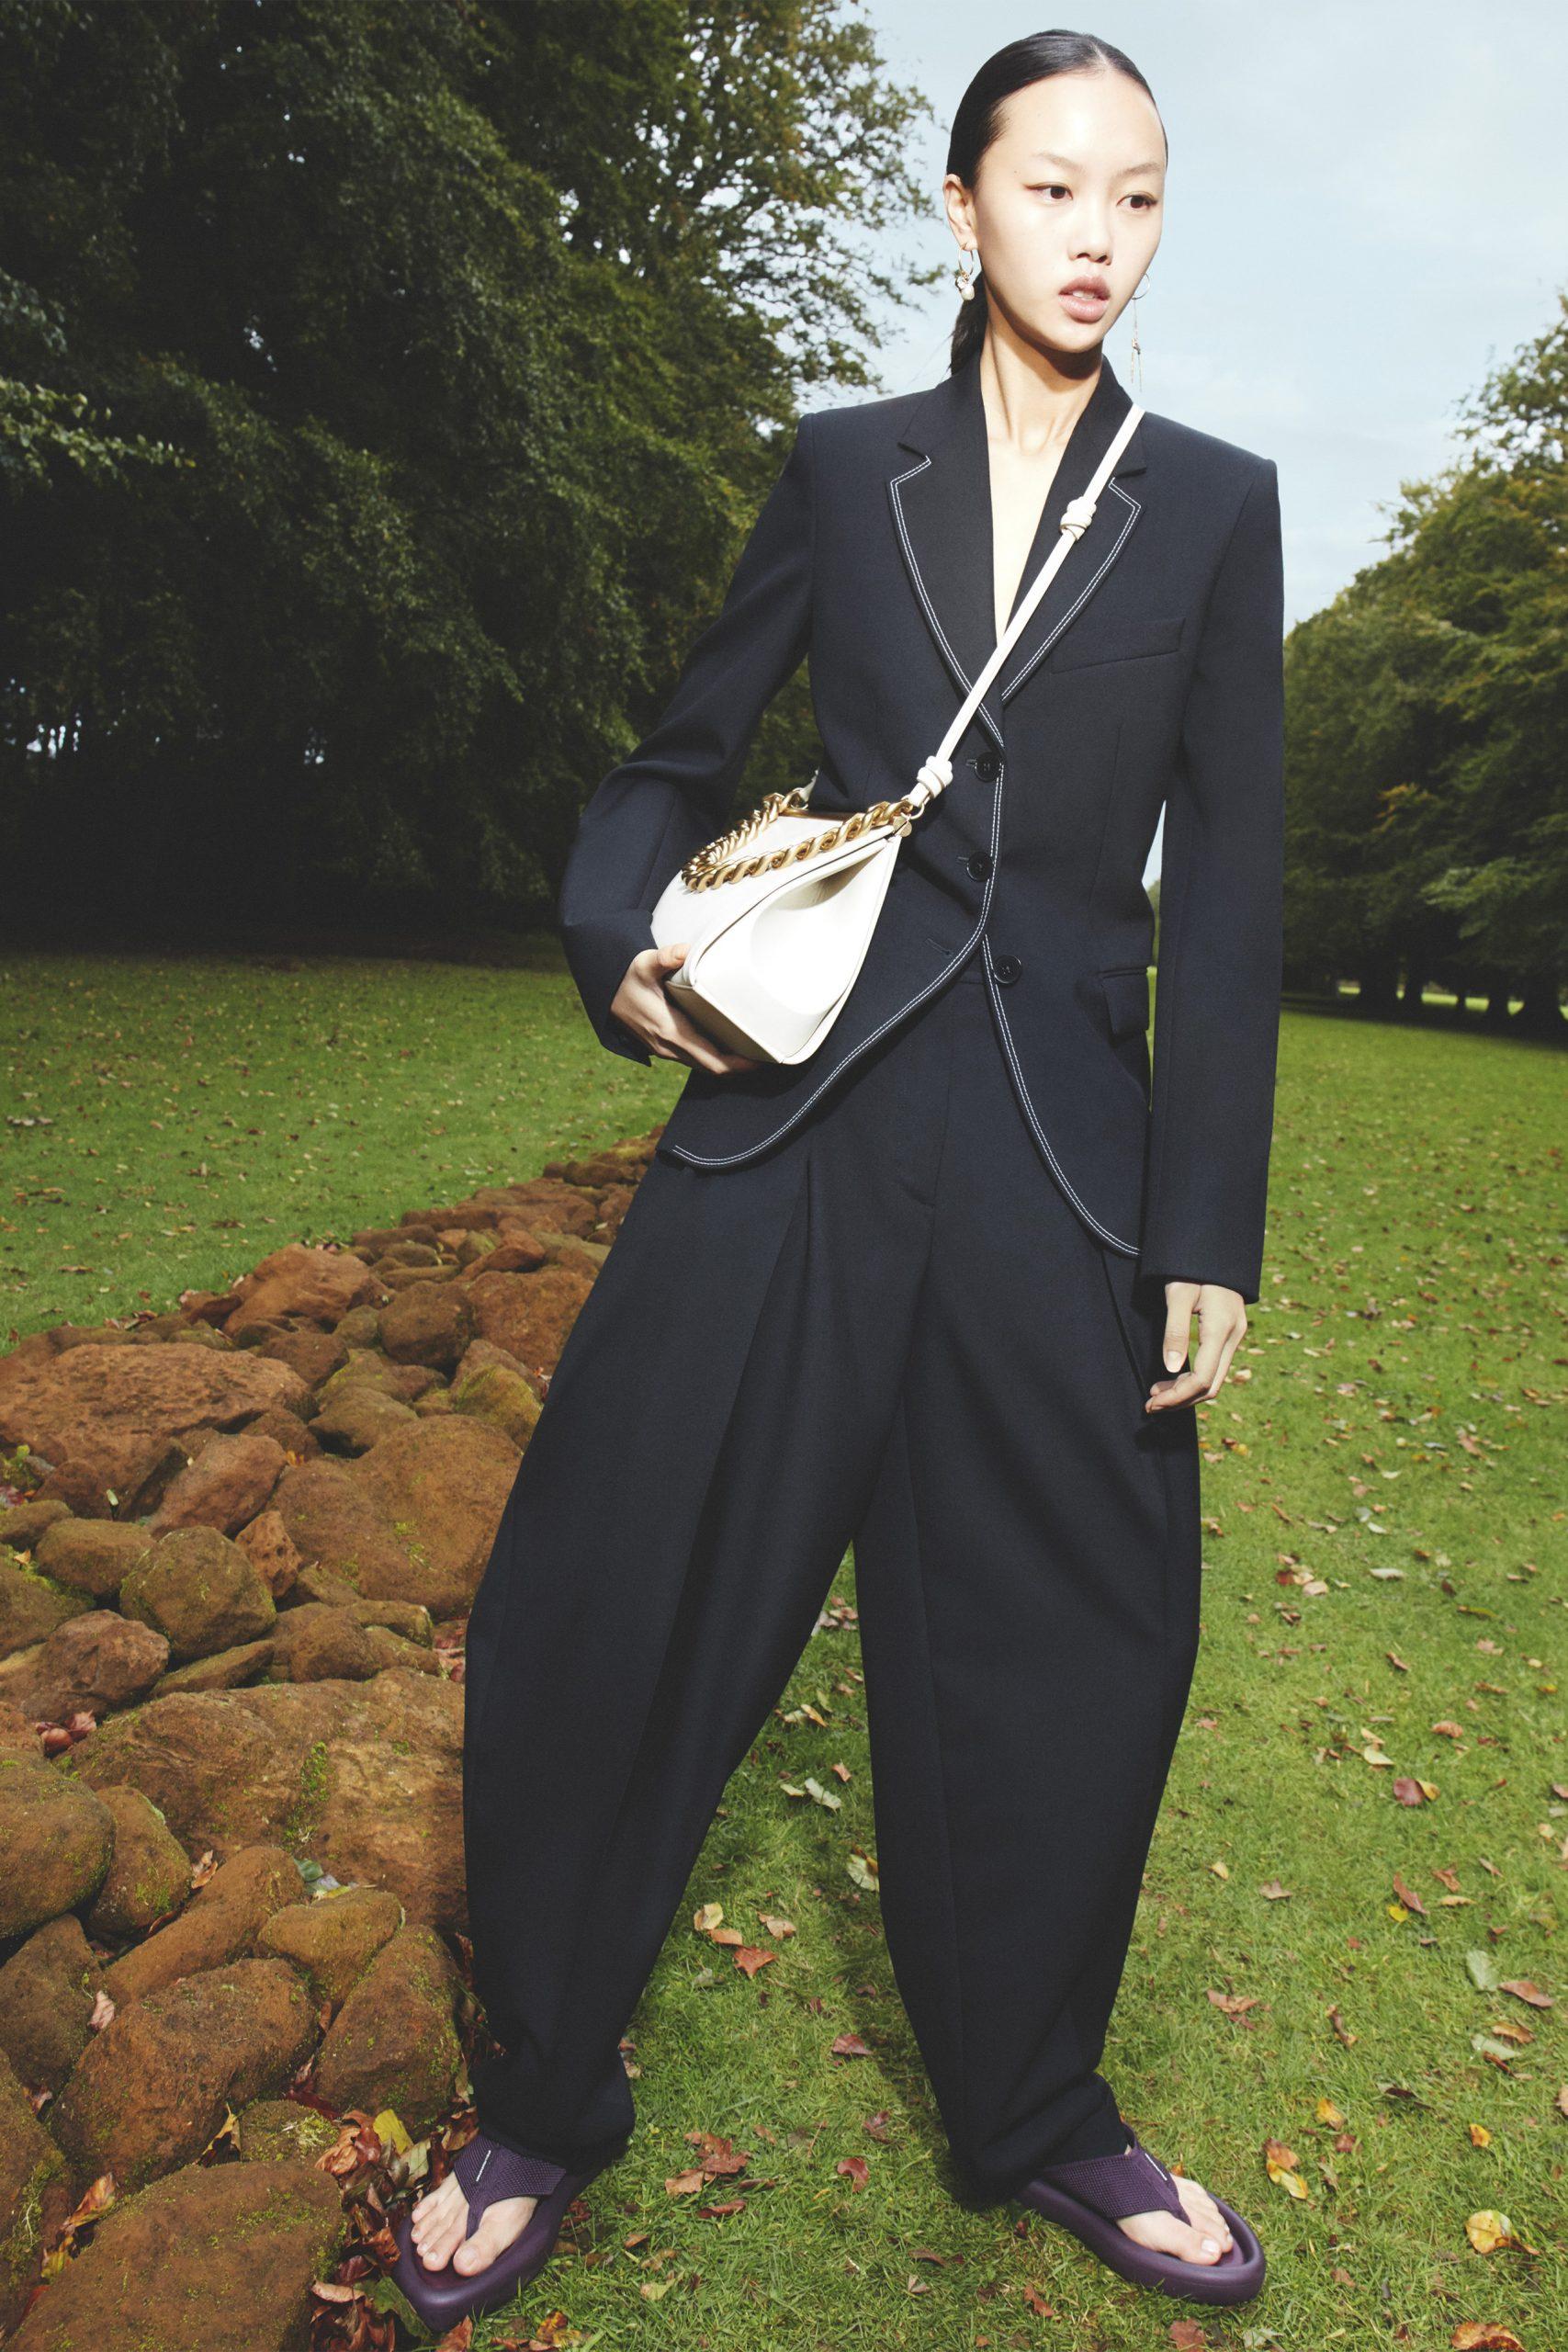 8. kép: Párizsi divathét - 2021-es tavaszi-nyári ready to wear kollekció - Stella McCartney